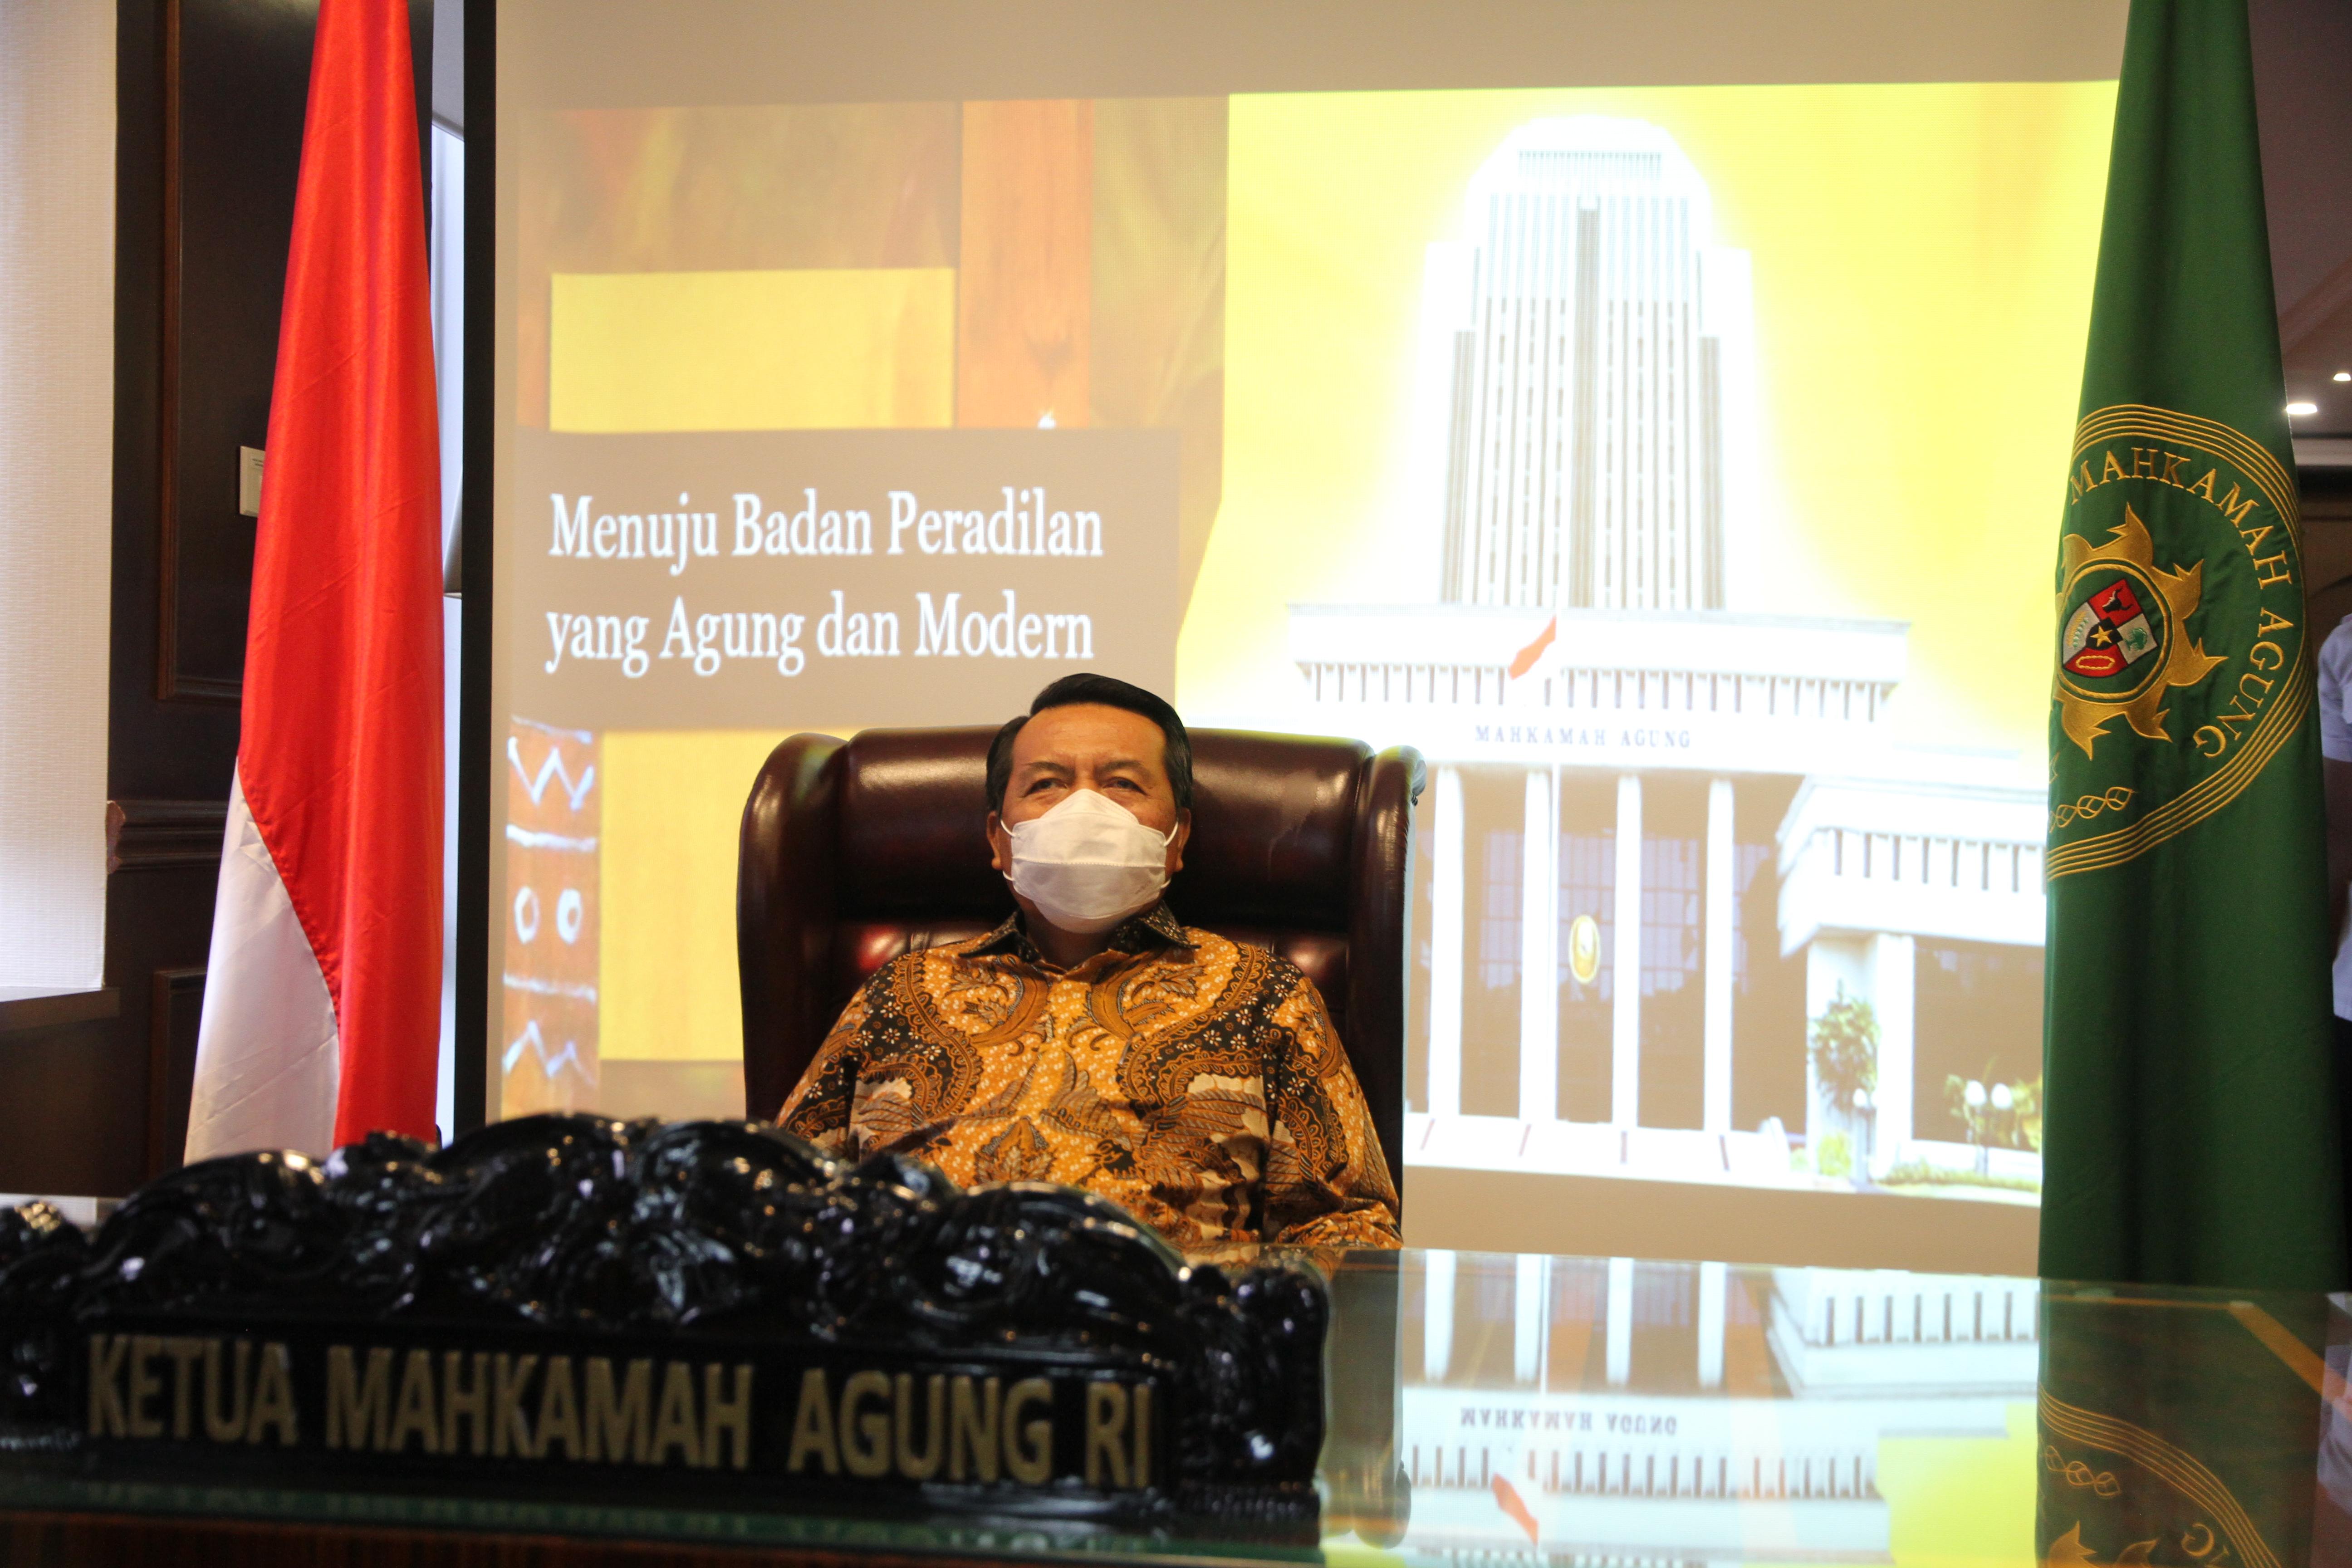 KETUA MAHKAMAH AGUNG MENGHADIRI ACARA LAPORAN TAHUNAN MAHKAMAH KONSTITUSI 2020 SECARA DARING